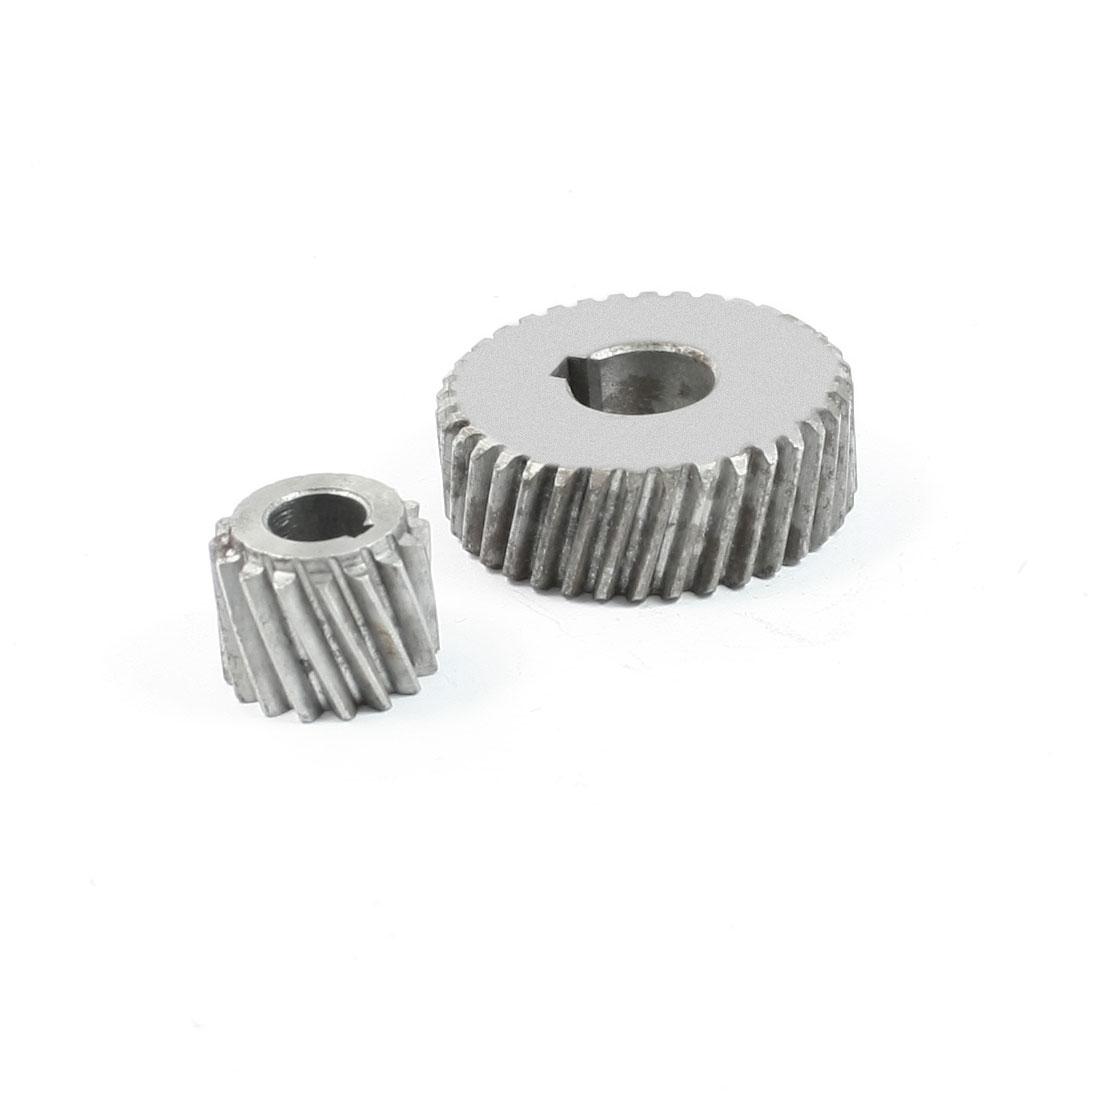 Repair Part Spiral Bevel Gear Pinion Set for Hitachi 4SB2 Marble Machine